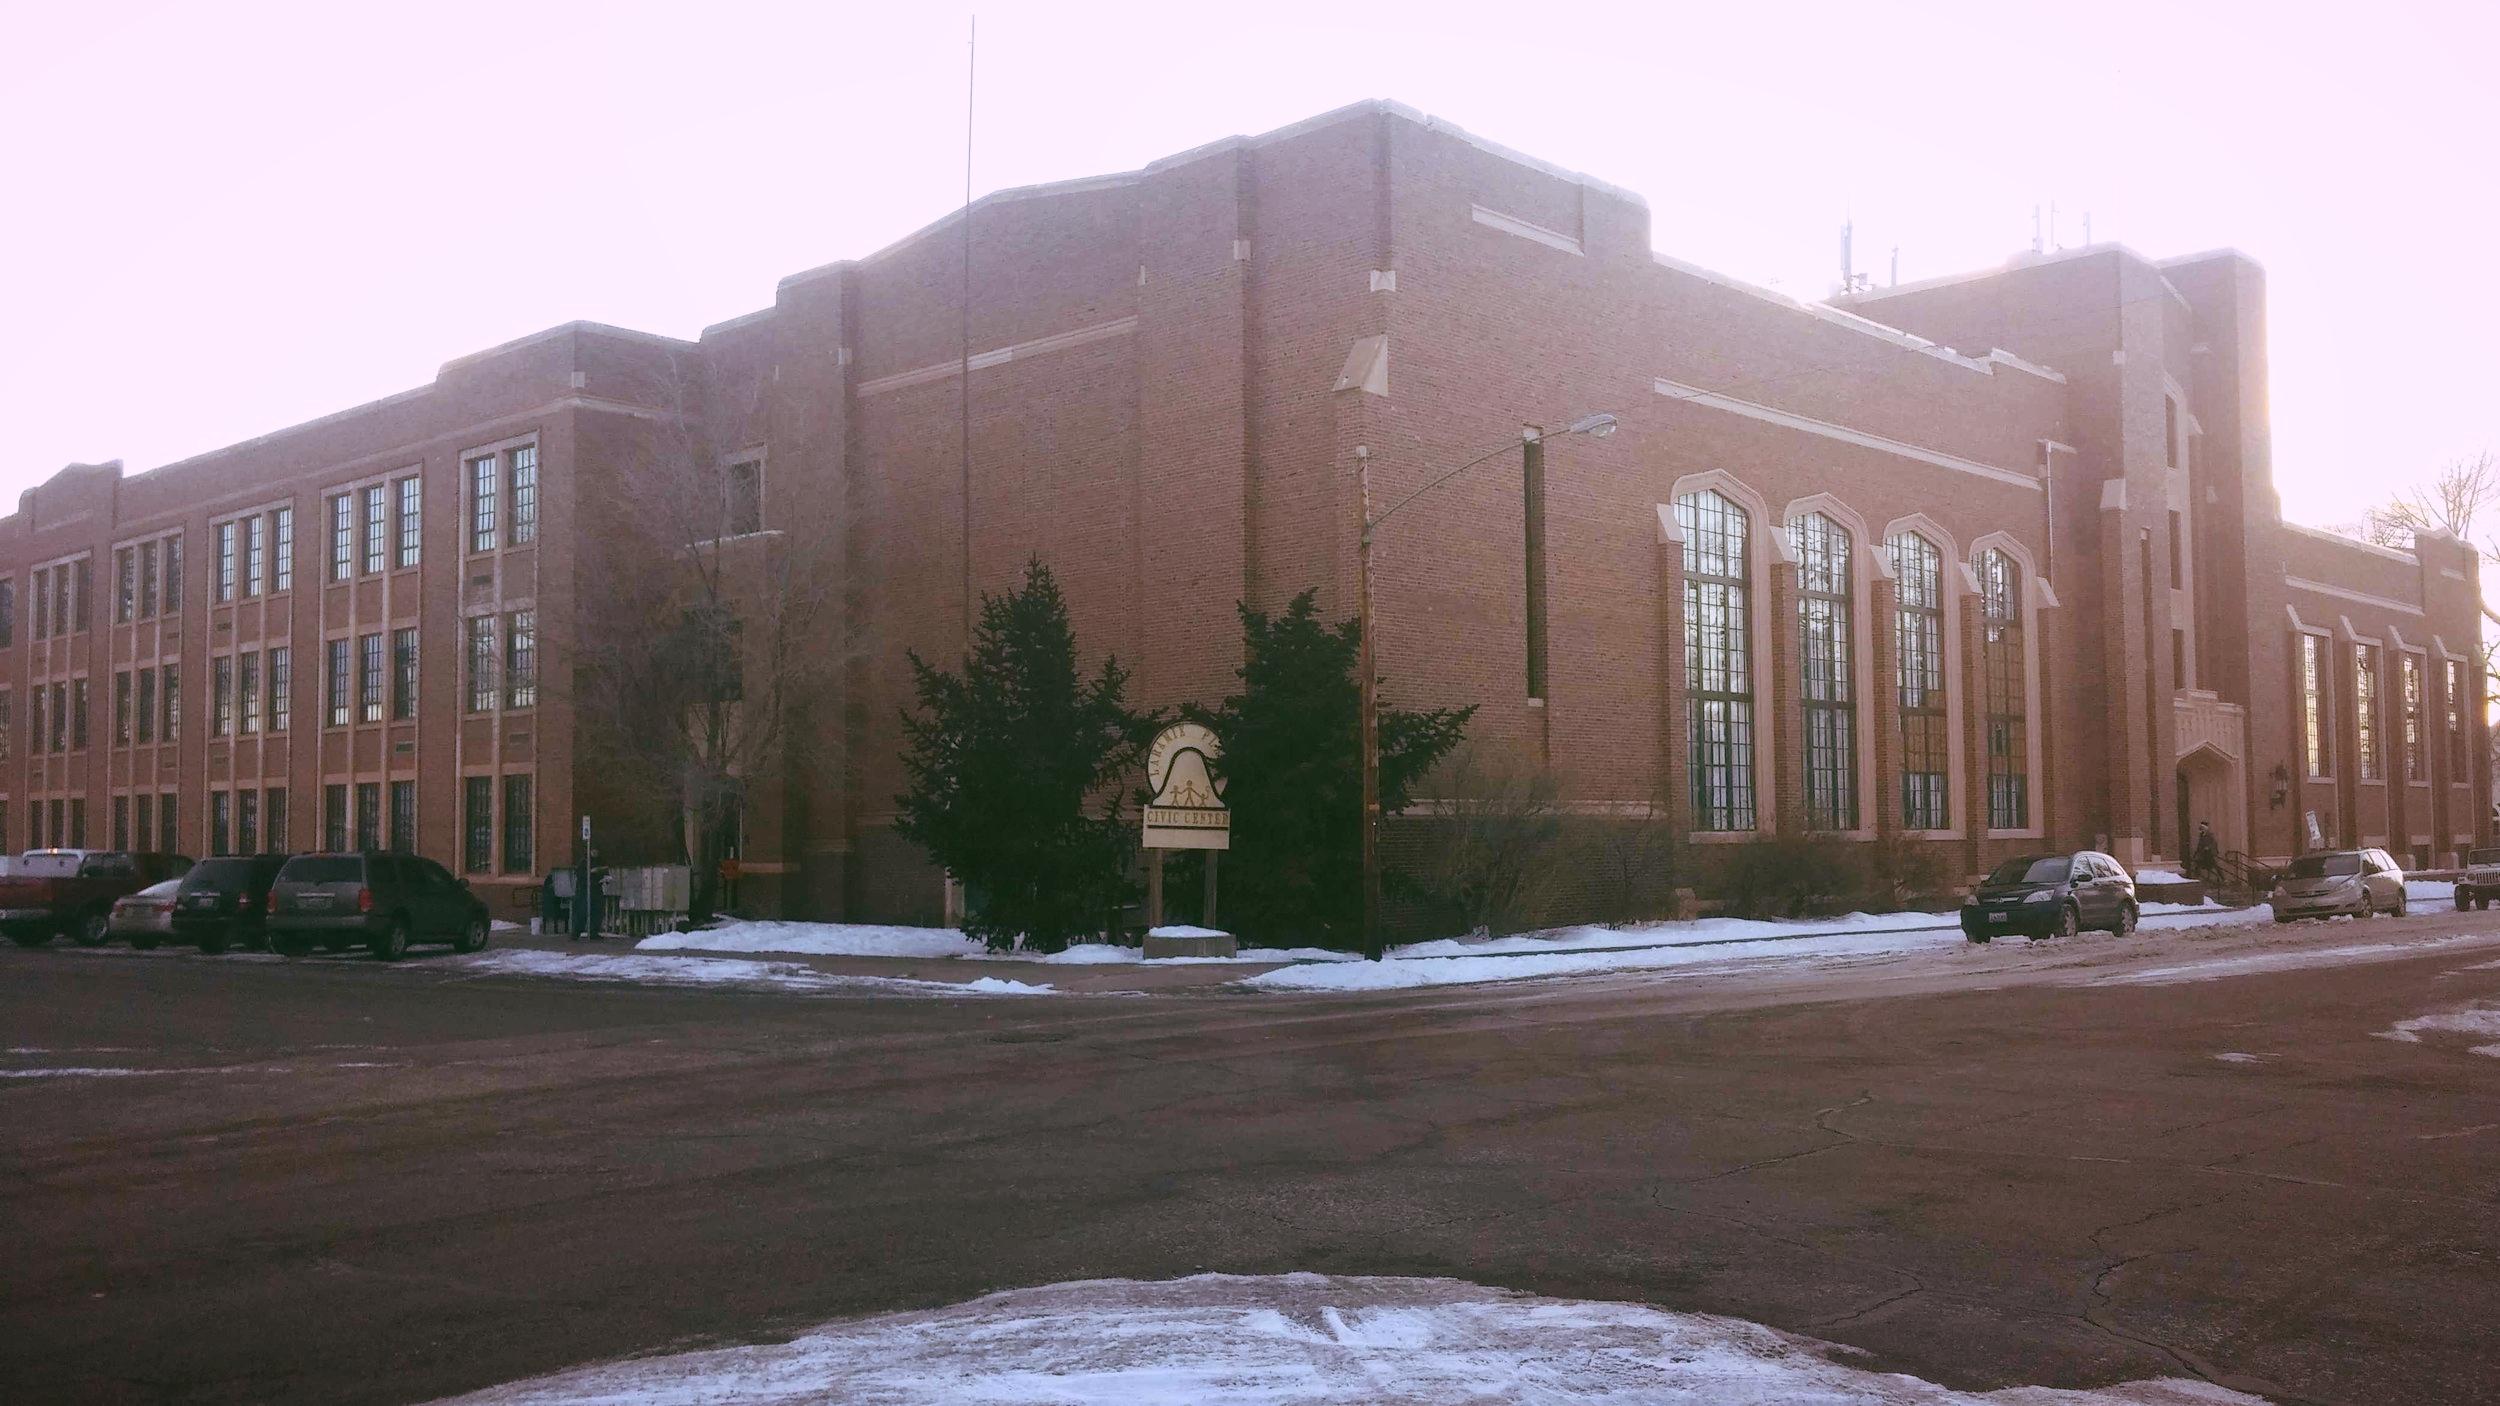 Laramie Plains Civic Center